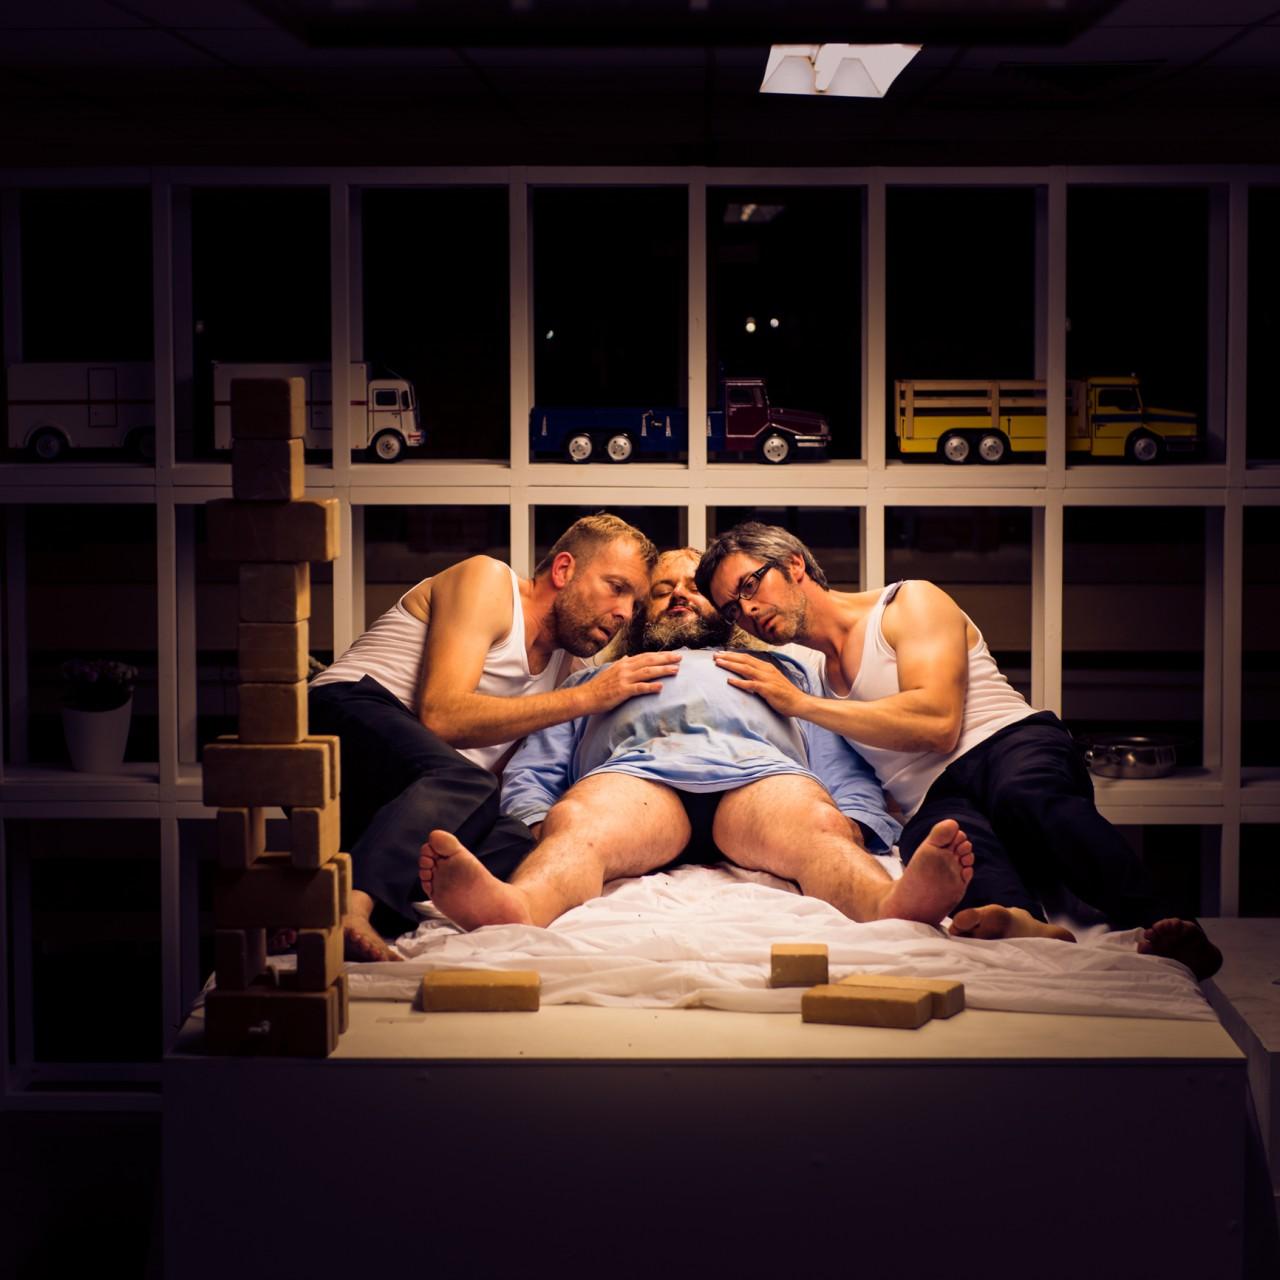 Het grote bed050914-29